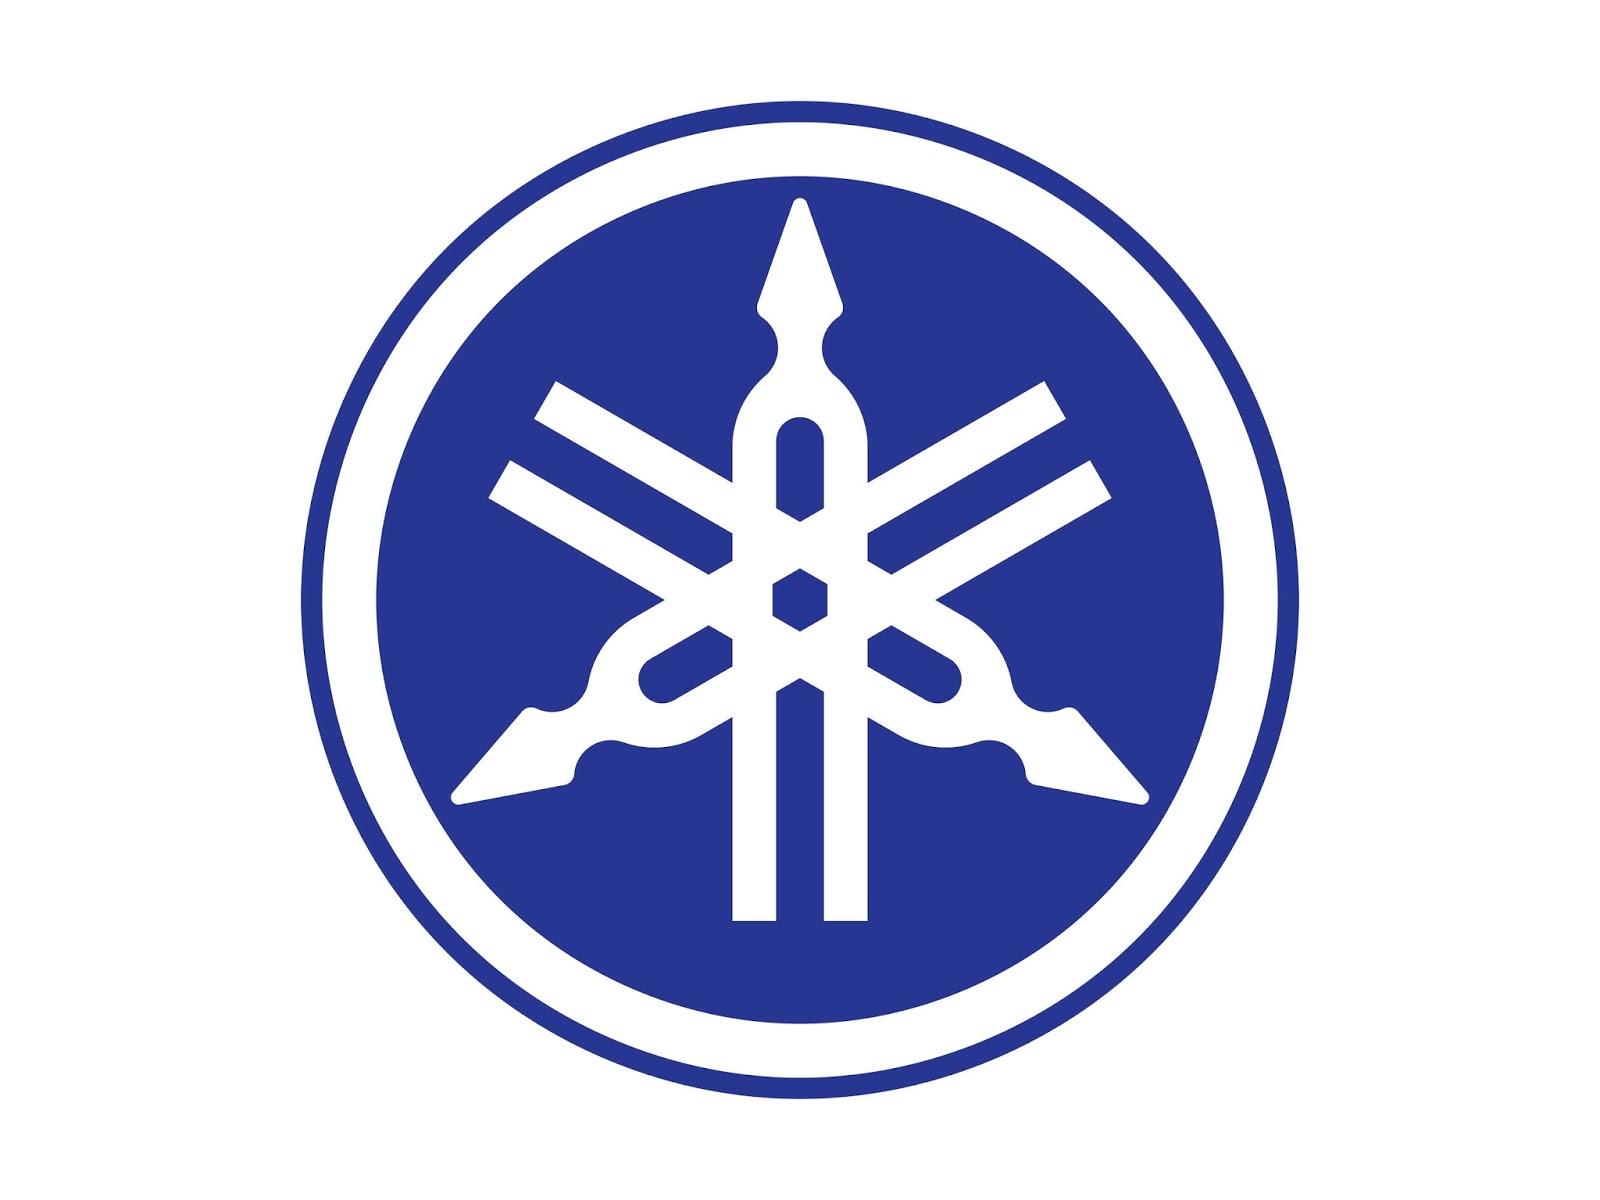 Logo Yamaha Cdr